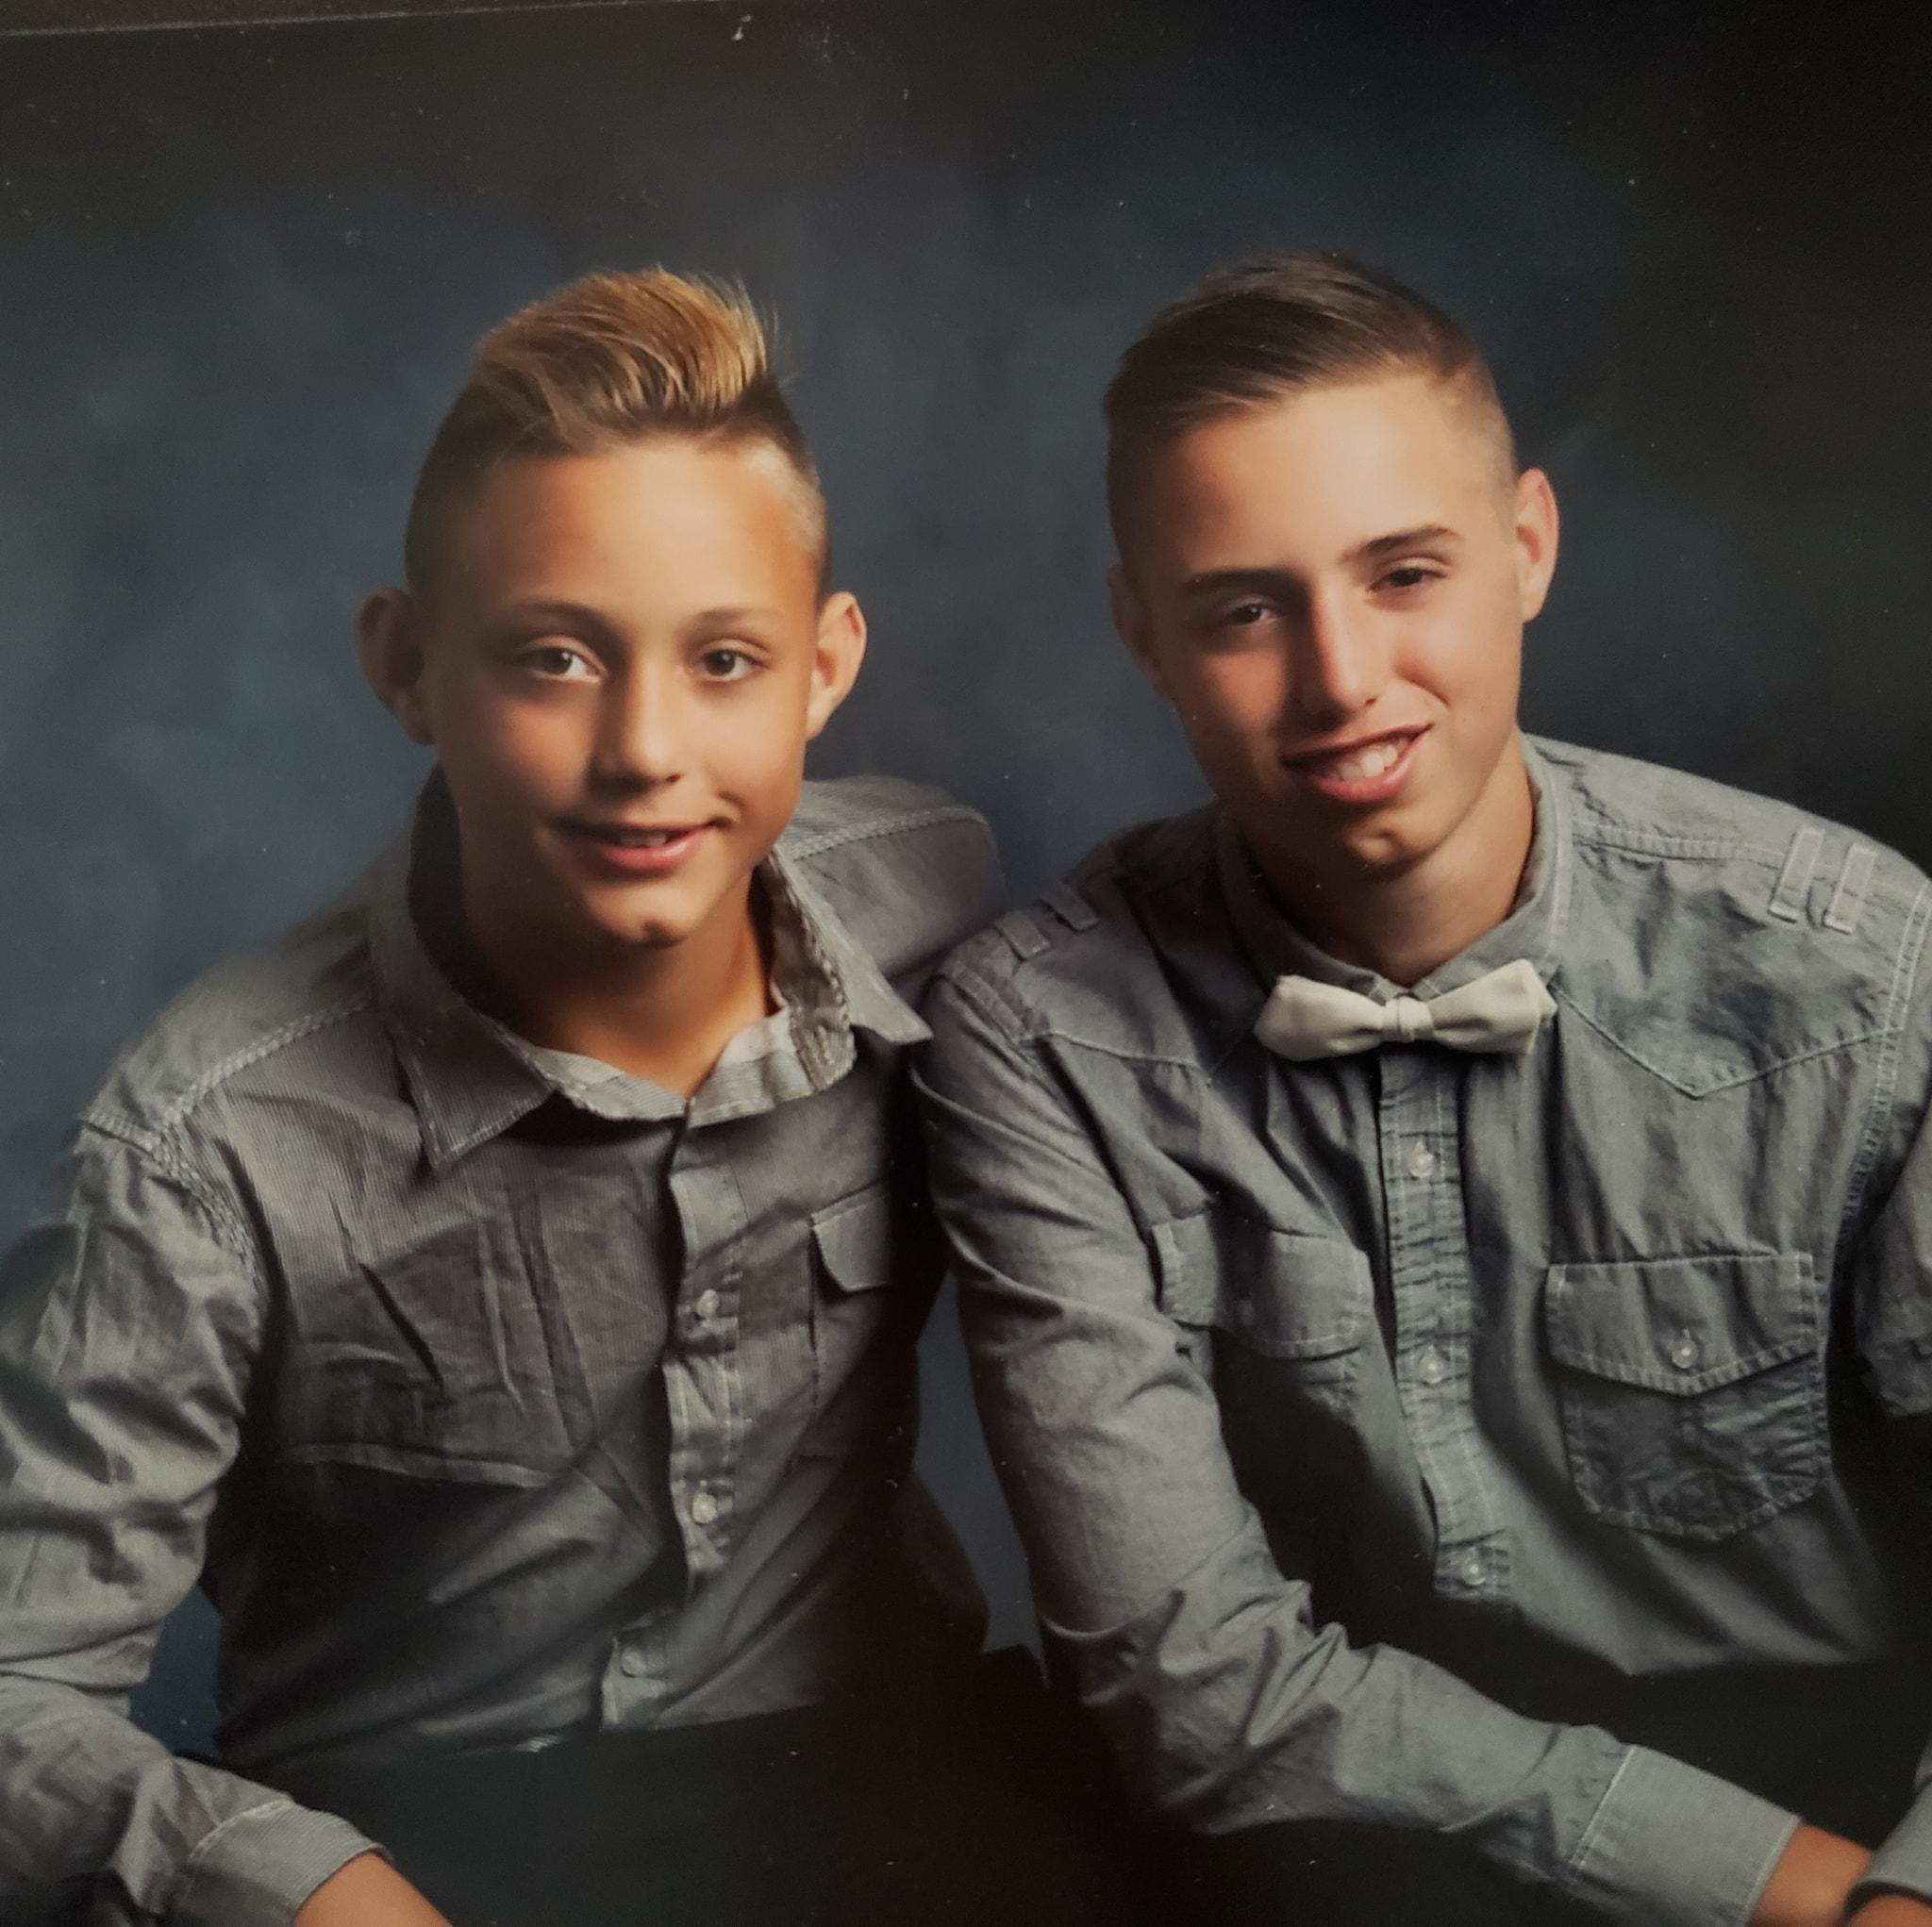 Caleb and kyler 3